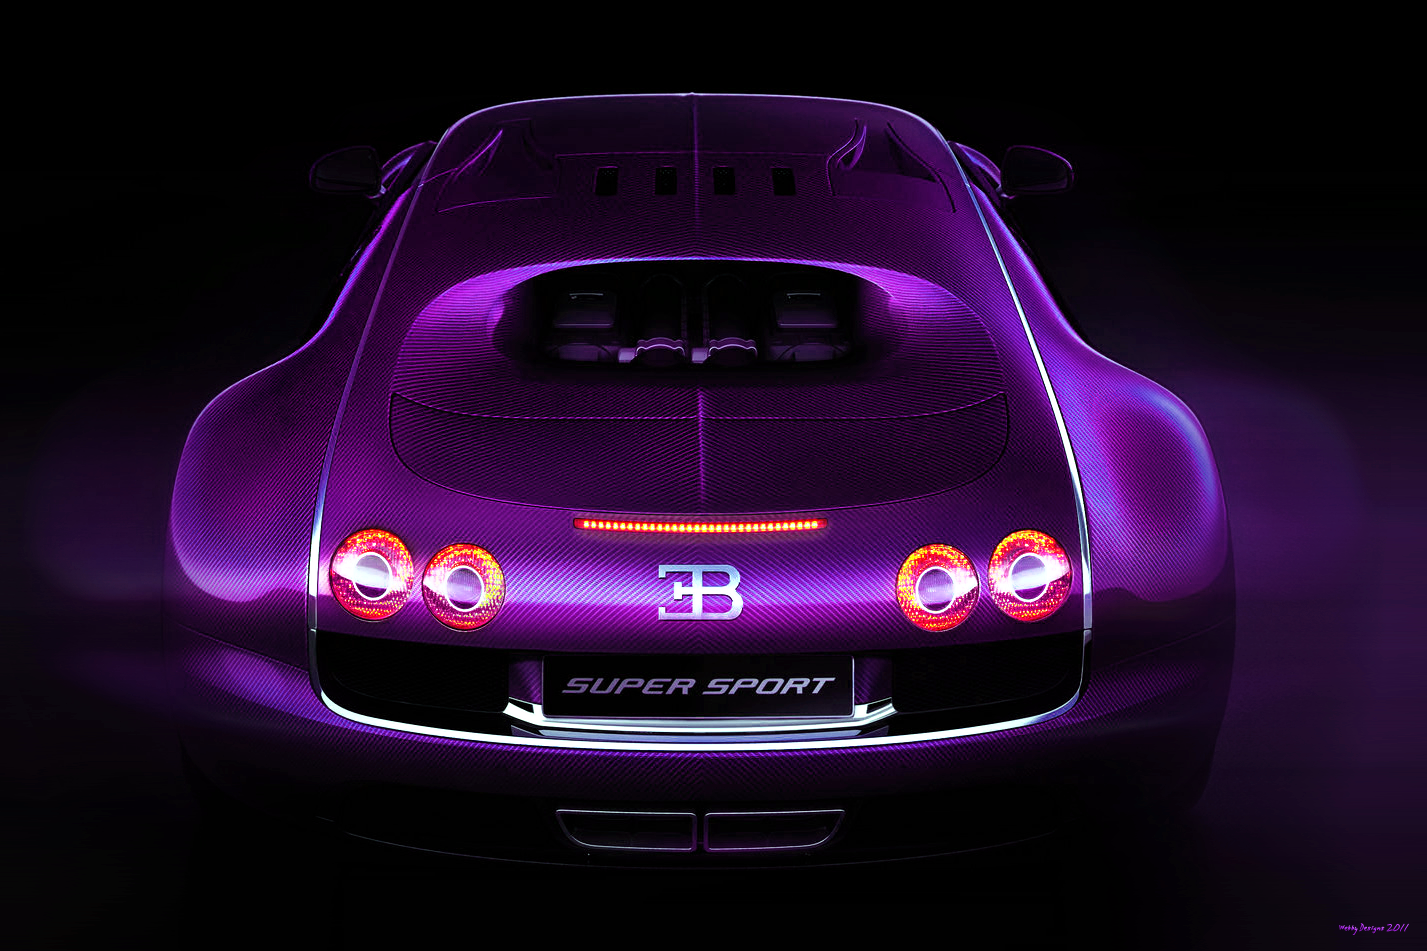 Bugatti Veyron Super Sport By Webby B